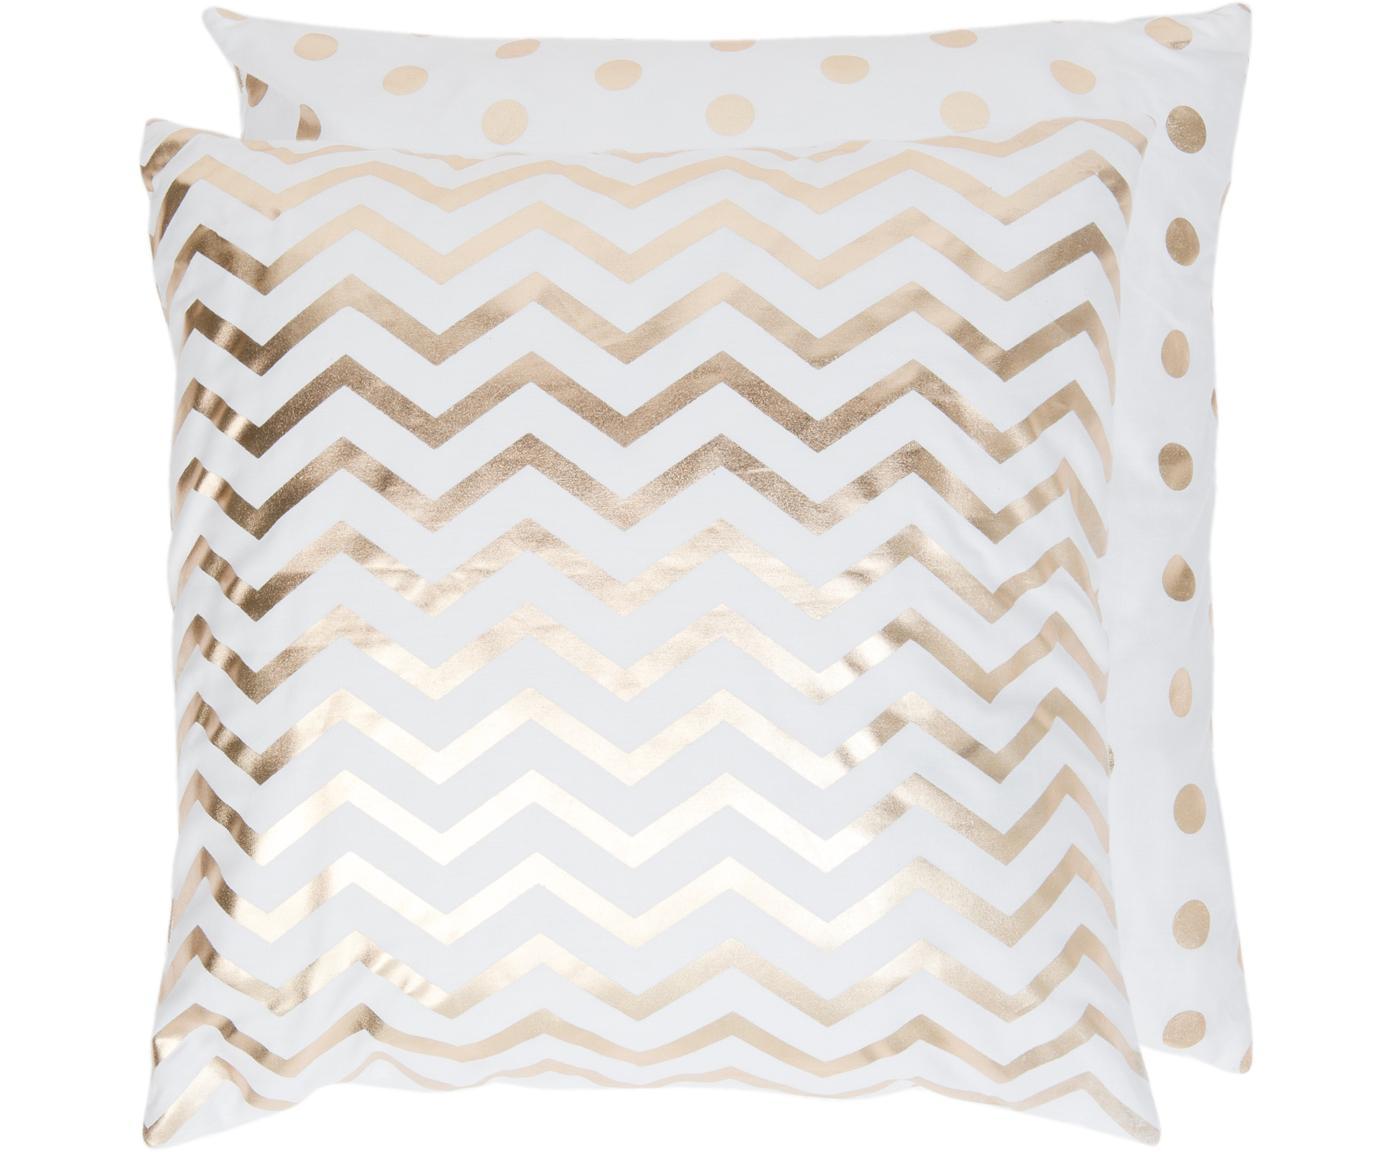 Dwustronna poszewka na poduszkę Chevron, Bawełna, Biały, odcienie złotego, S 50 x D 50 cm